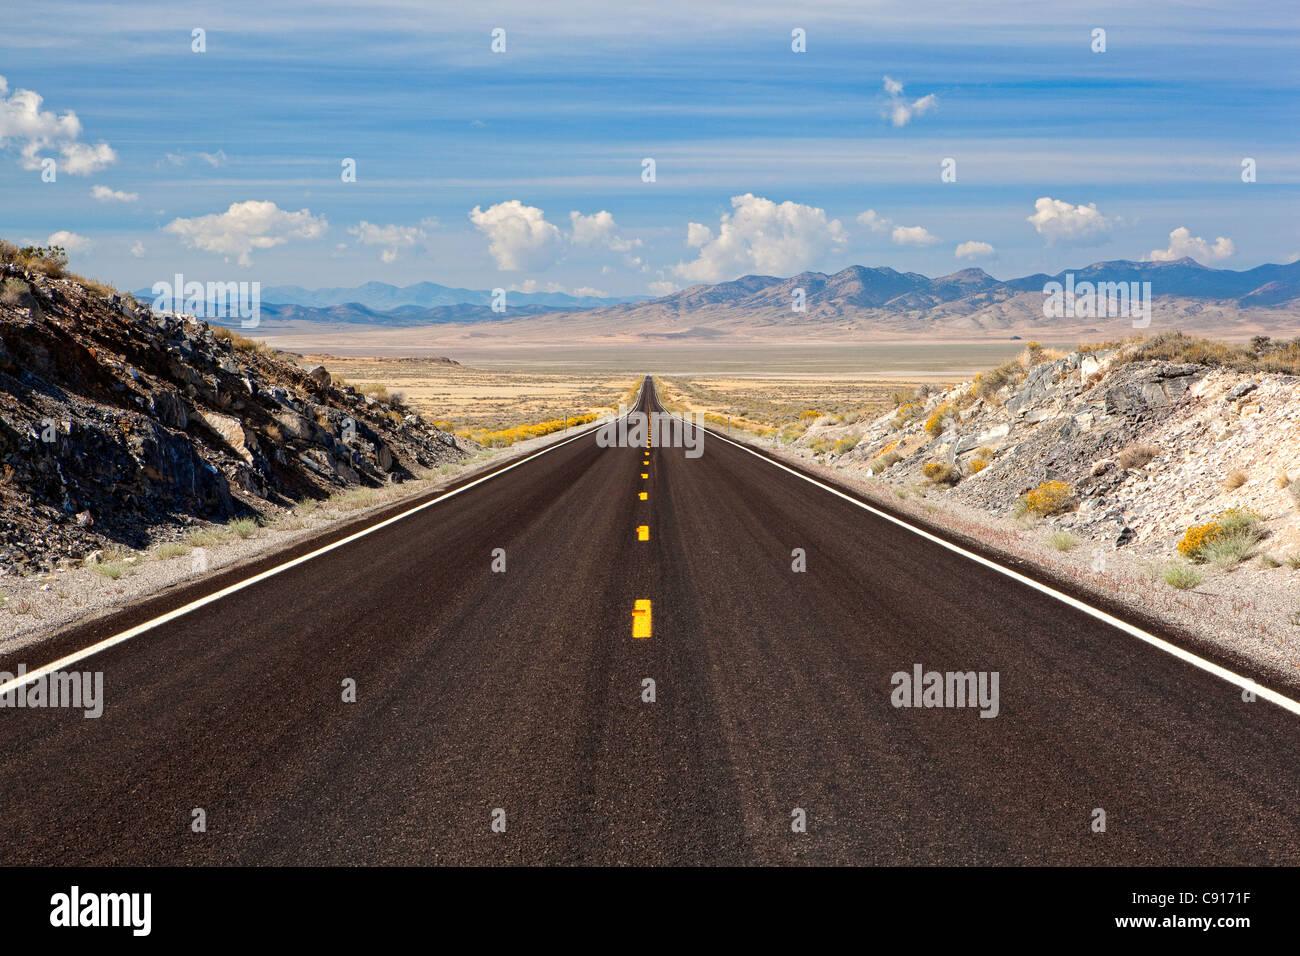 Un largo camino recto pensamiento va al desierto para algunas montañas en Nevada, EE.UU. Imagen De Stock